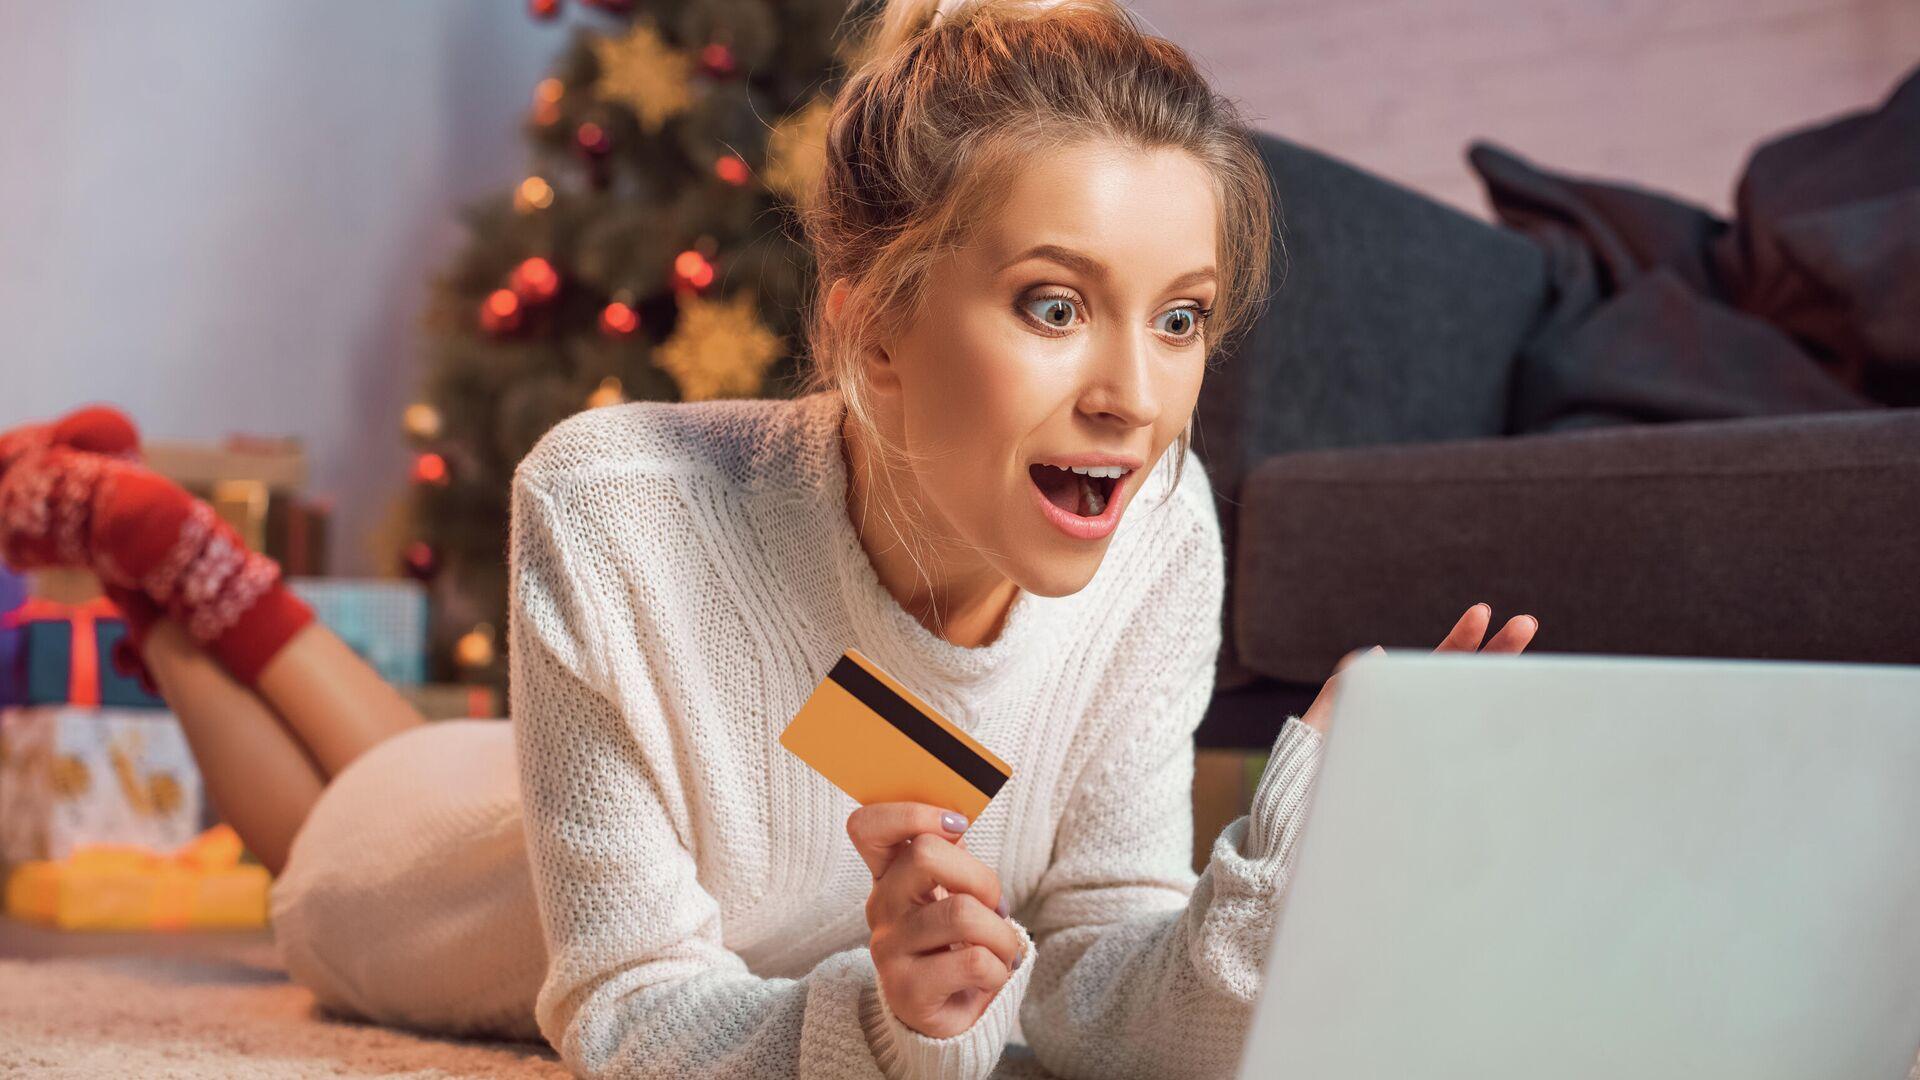 Девушка делает онлайн-покупки - РИА Новости, 1920, 09.12.2020